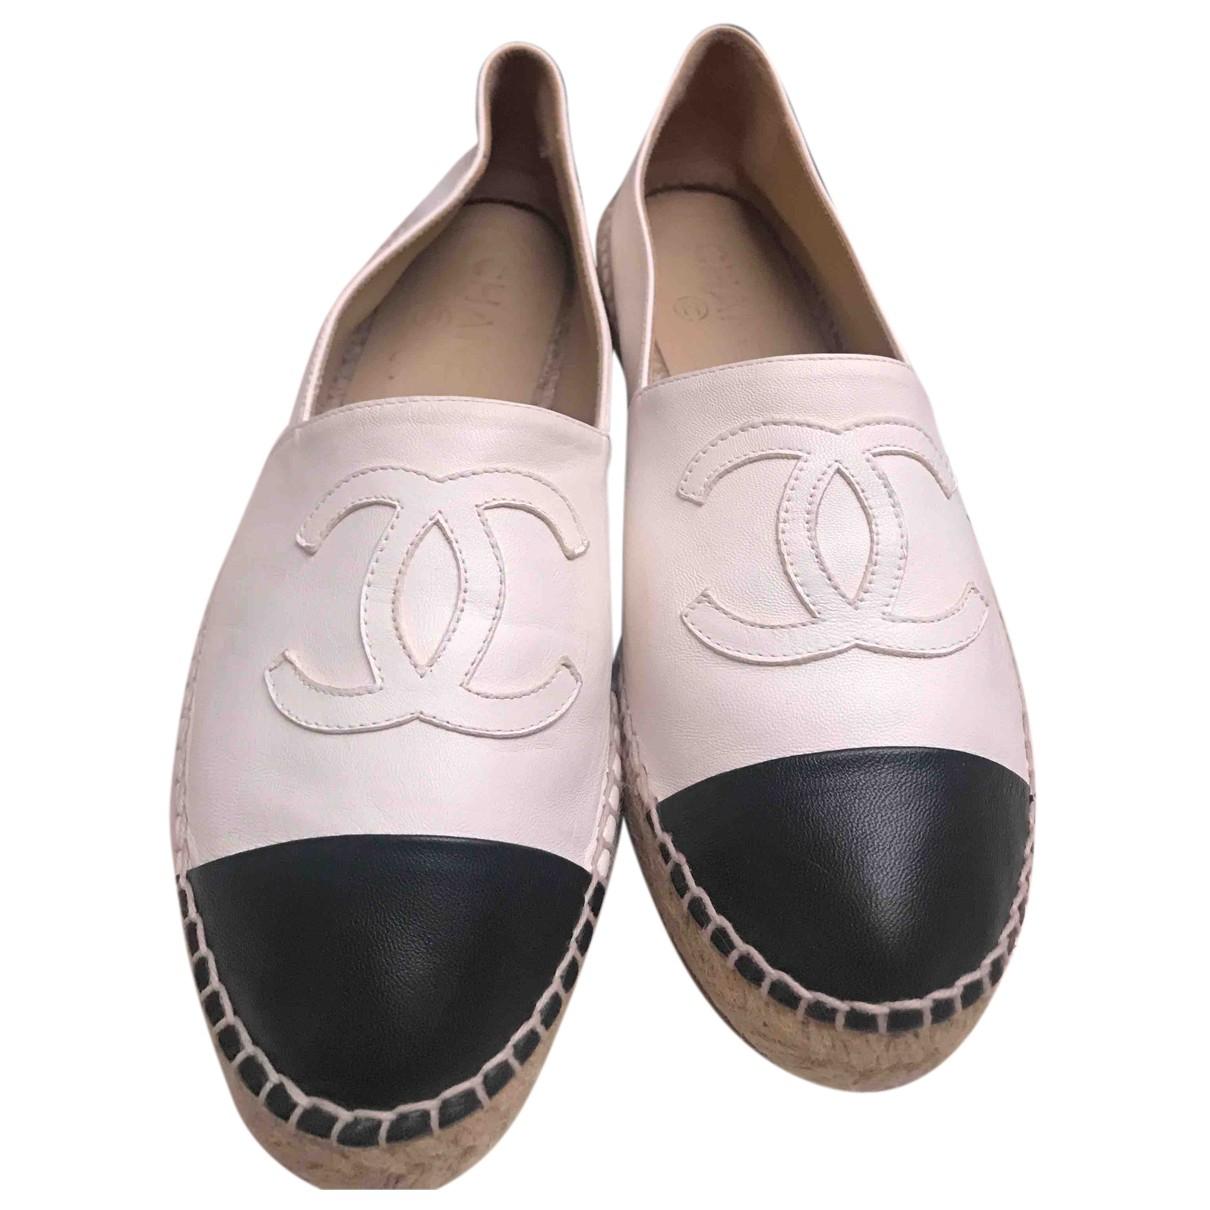 Chanel - Espadrilles   pour femme en cuir - beige